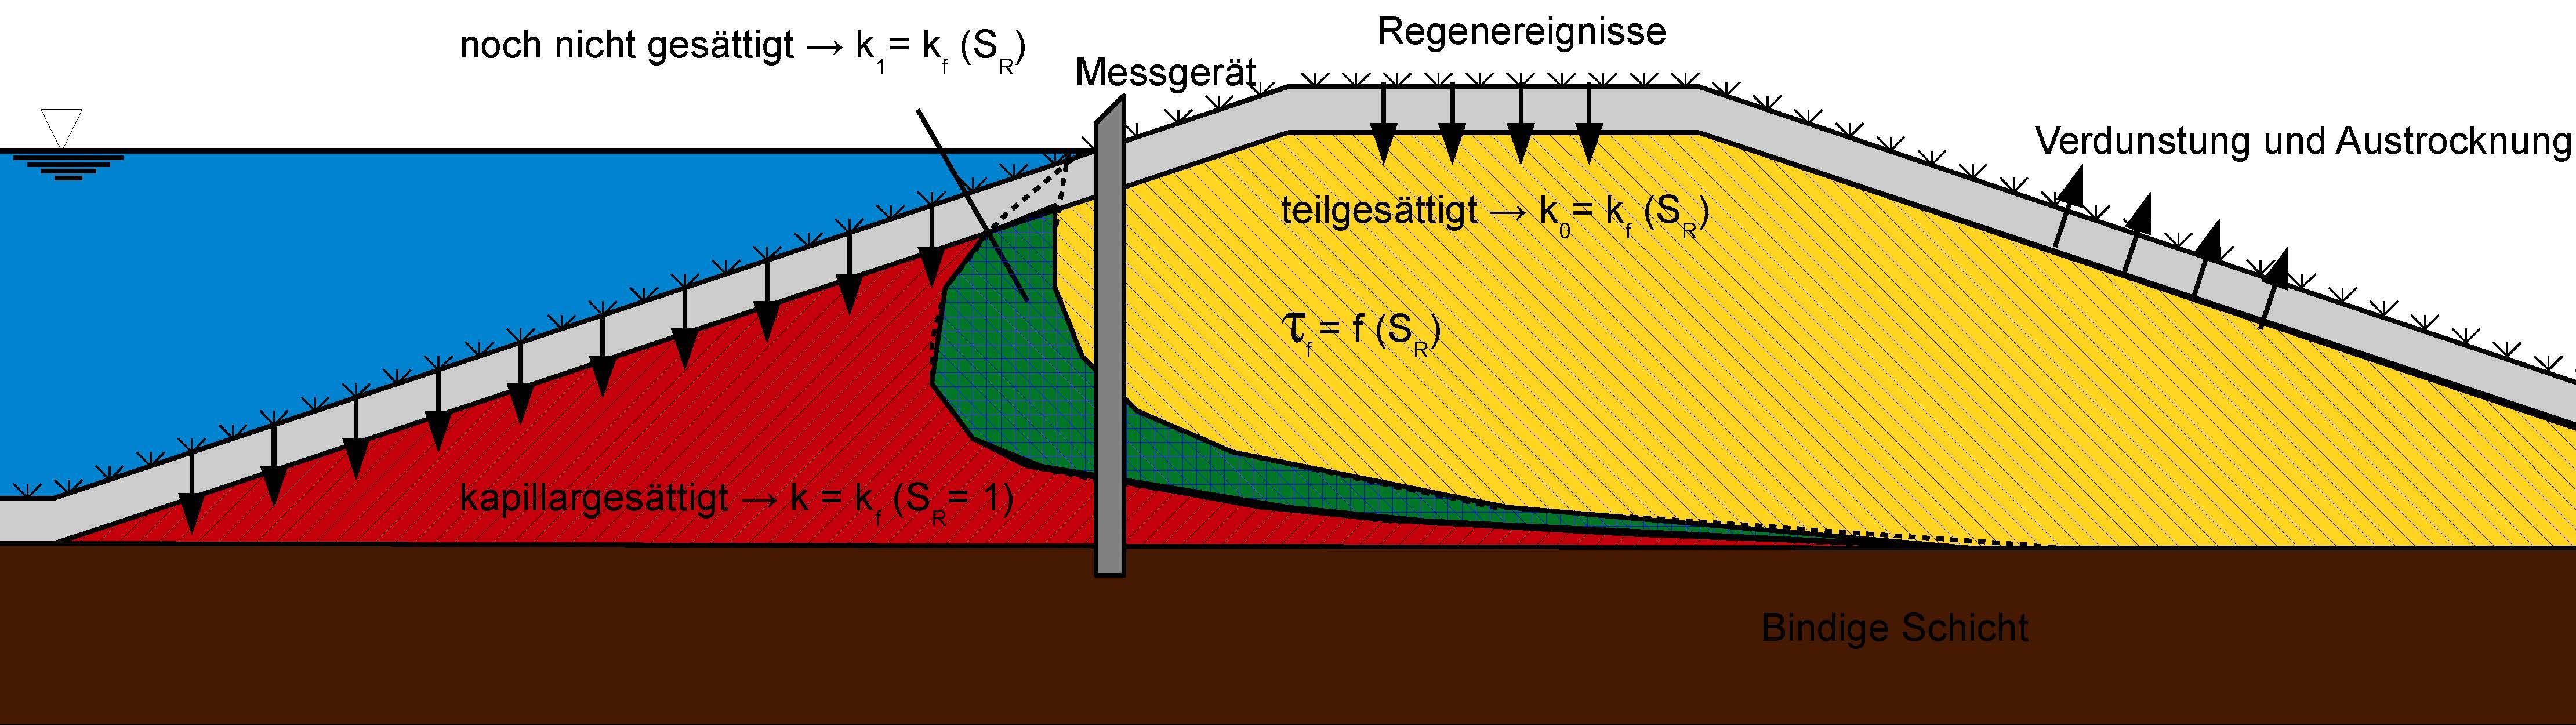 Entwicklung von Methoden zur Erfassung und Vorhersage instationärer Vorgänge bei Deichen und Dämmen